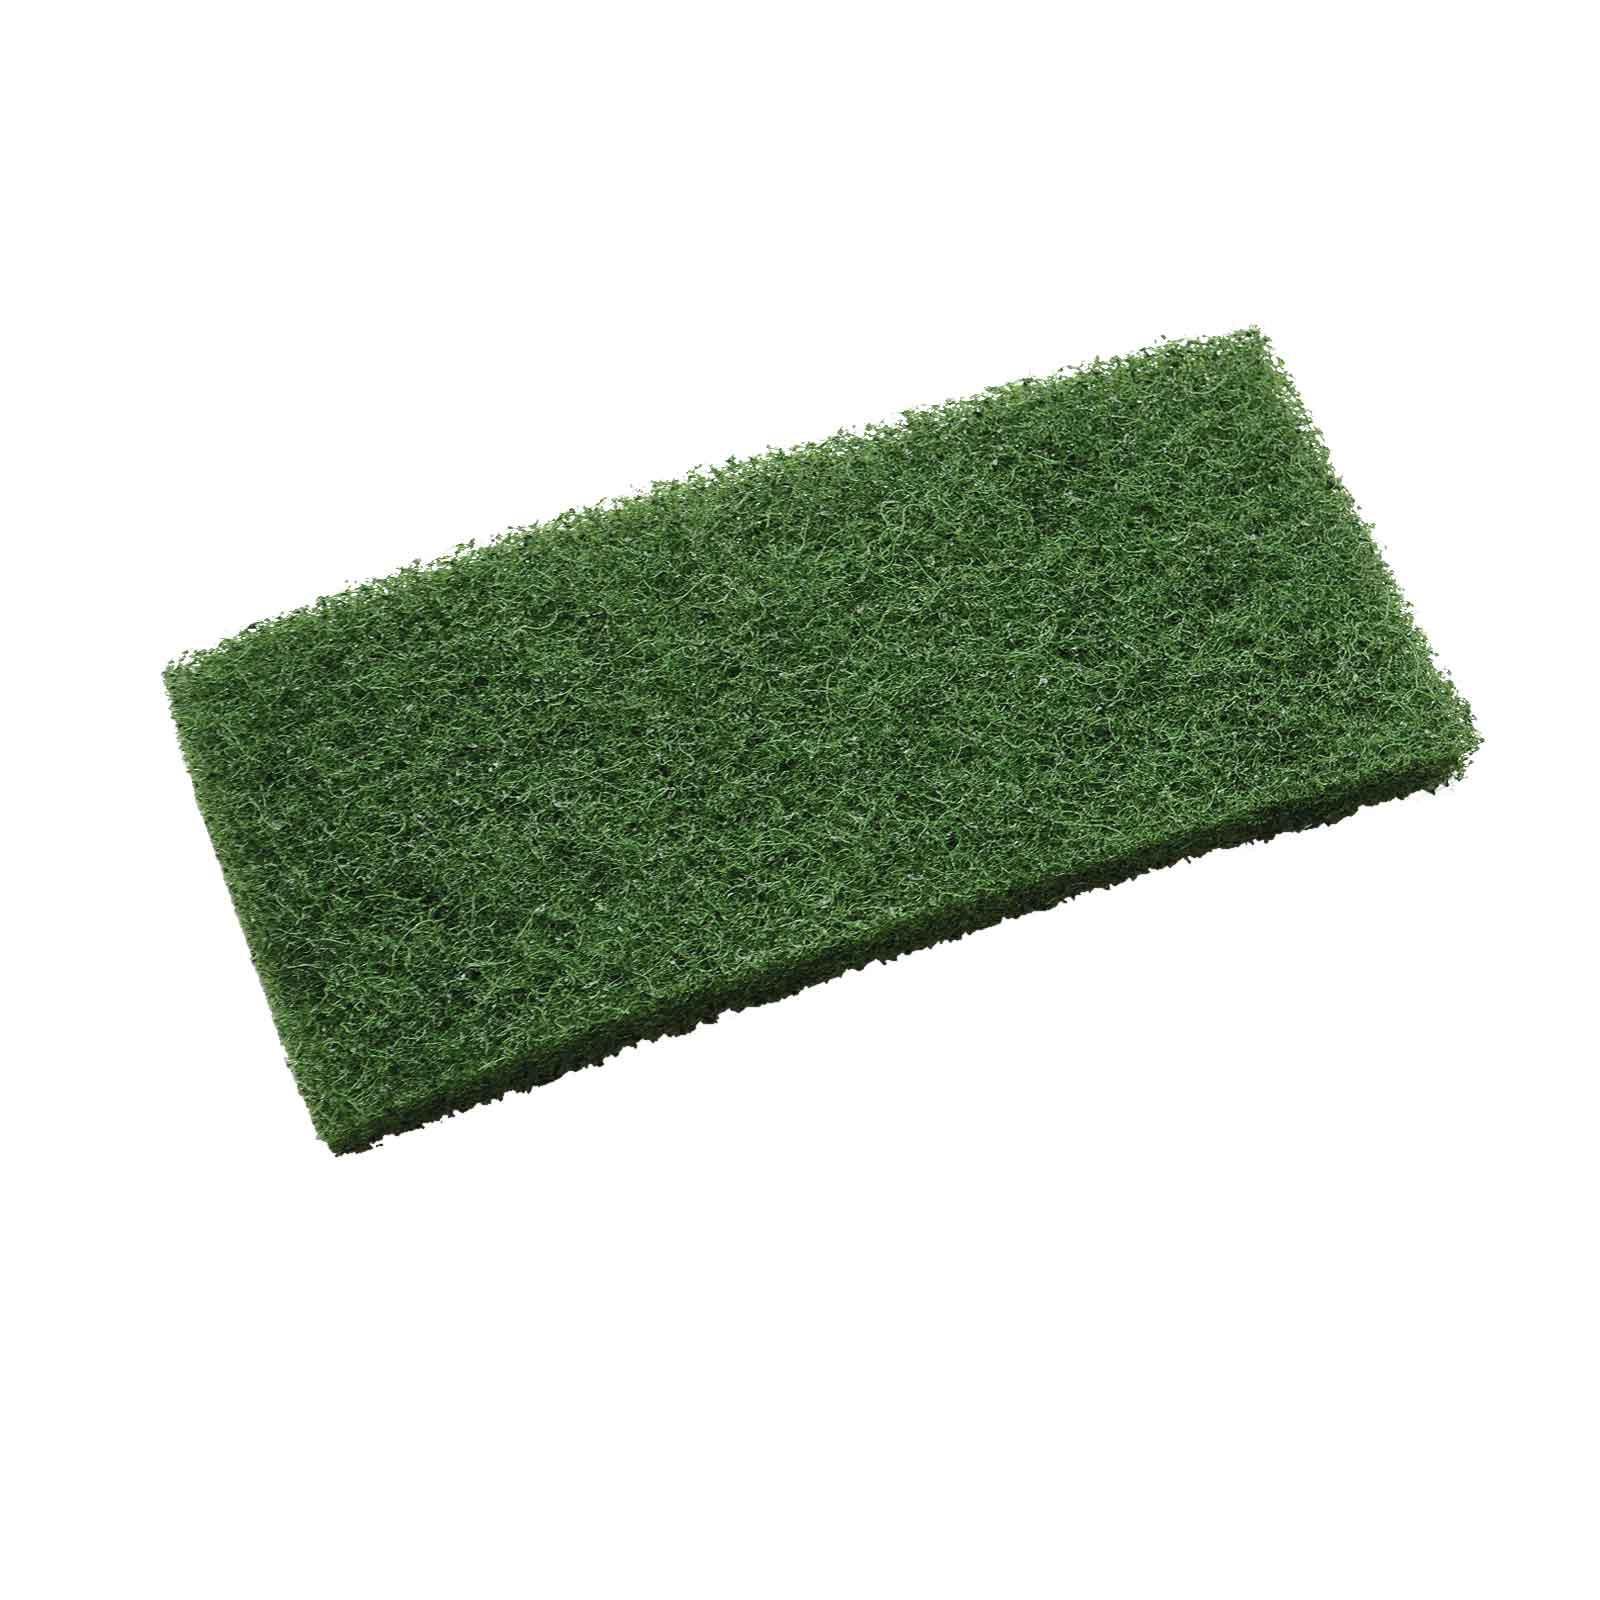 Handpad grün 11 x 25cm Zubehör Faserartikel